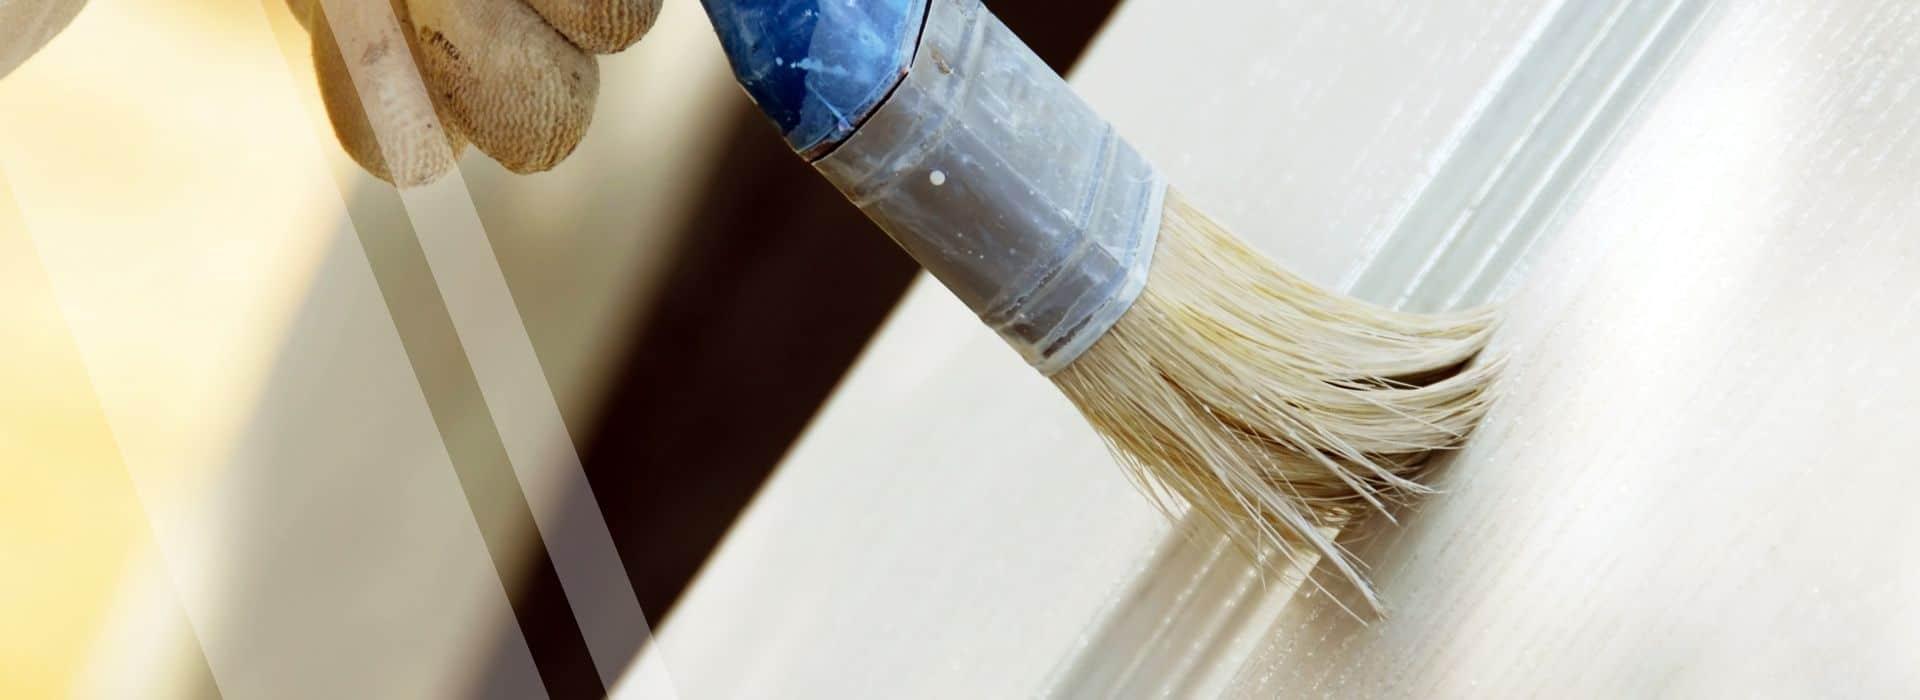 Türen & Fenster streichen lackieren